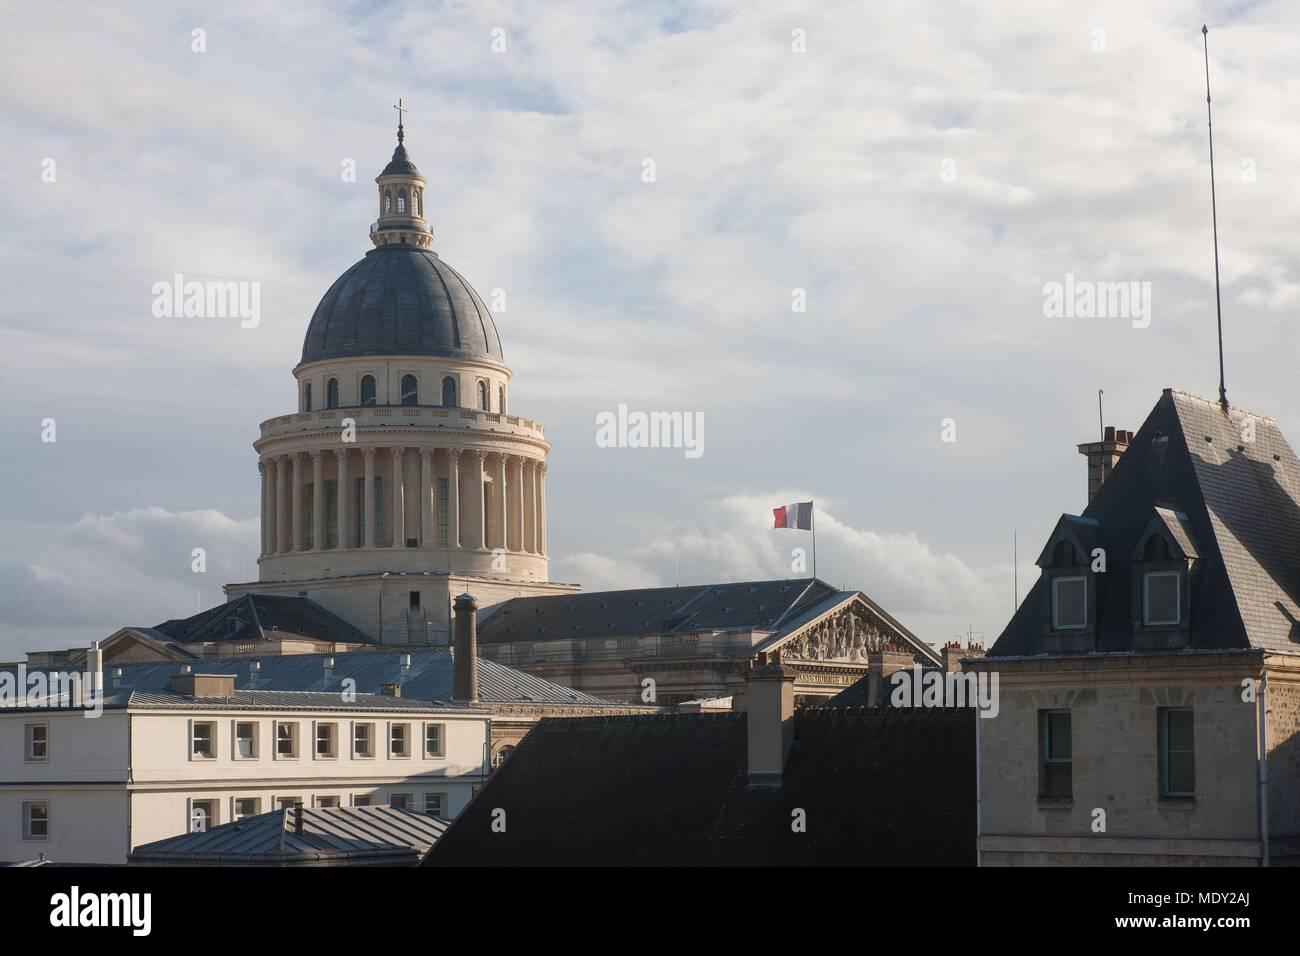 Mdy Pont L Eveque le pantheon of paris stock photos & le pantheon of paris